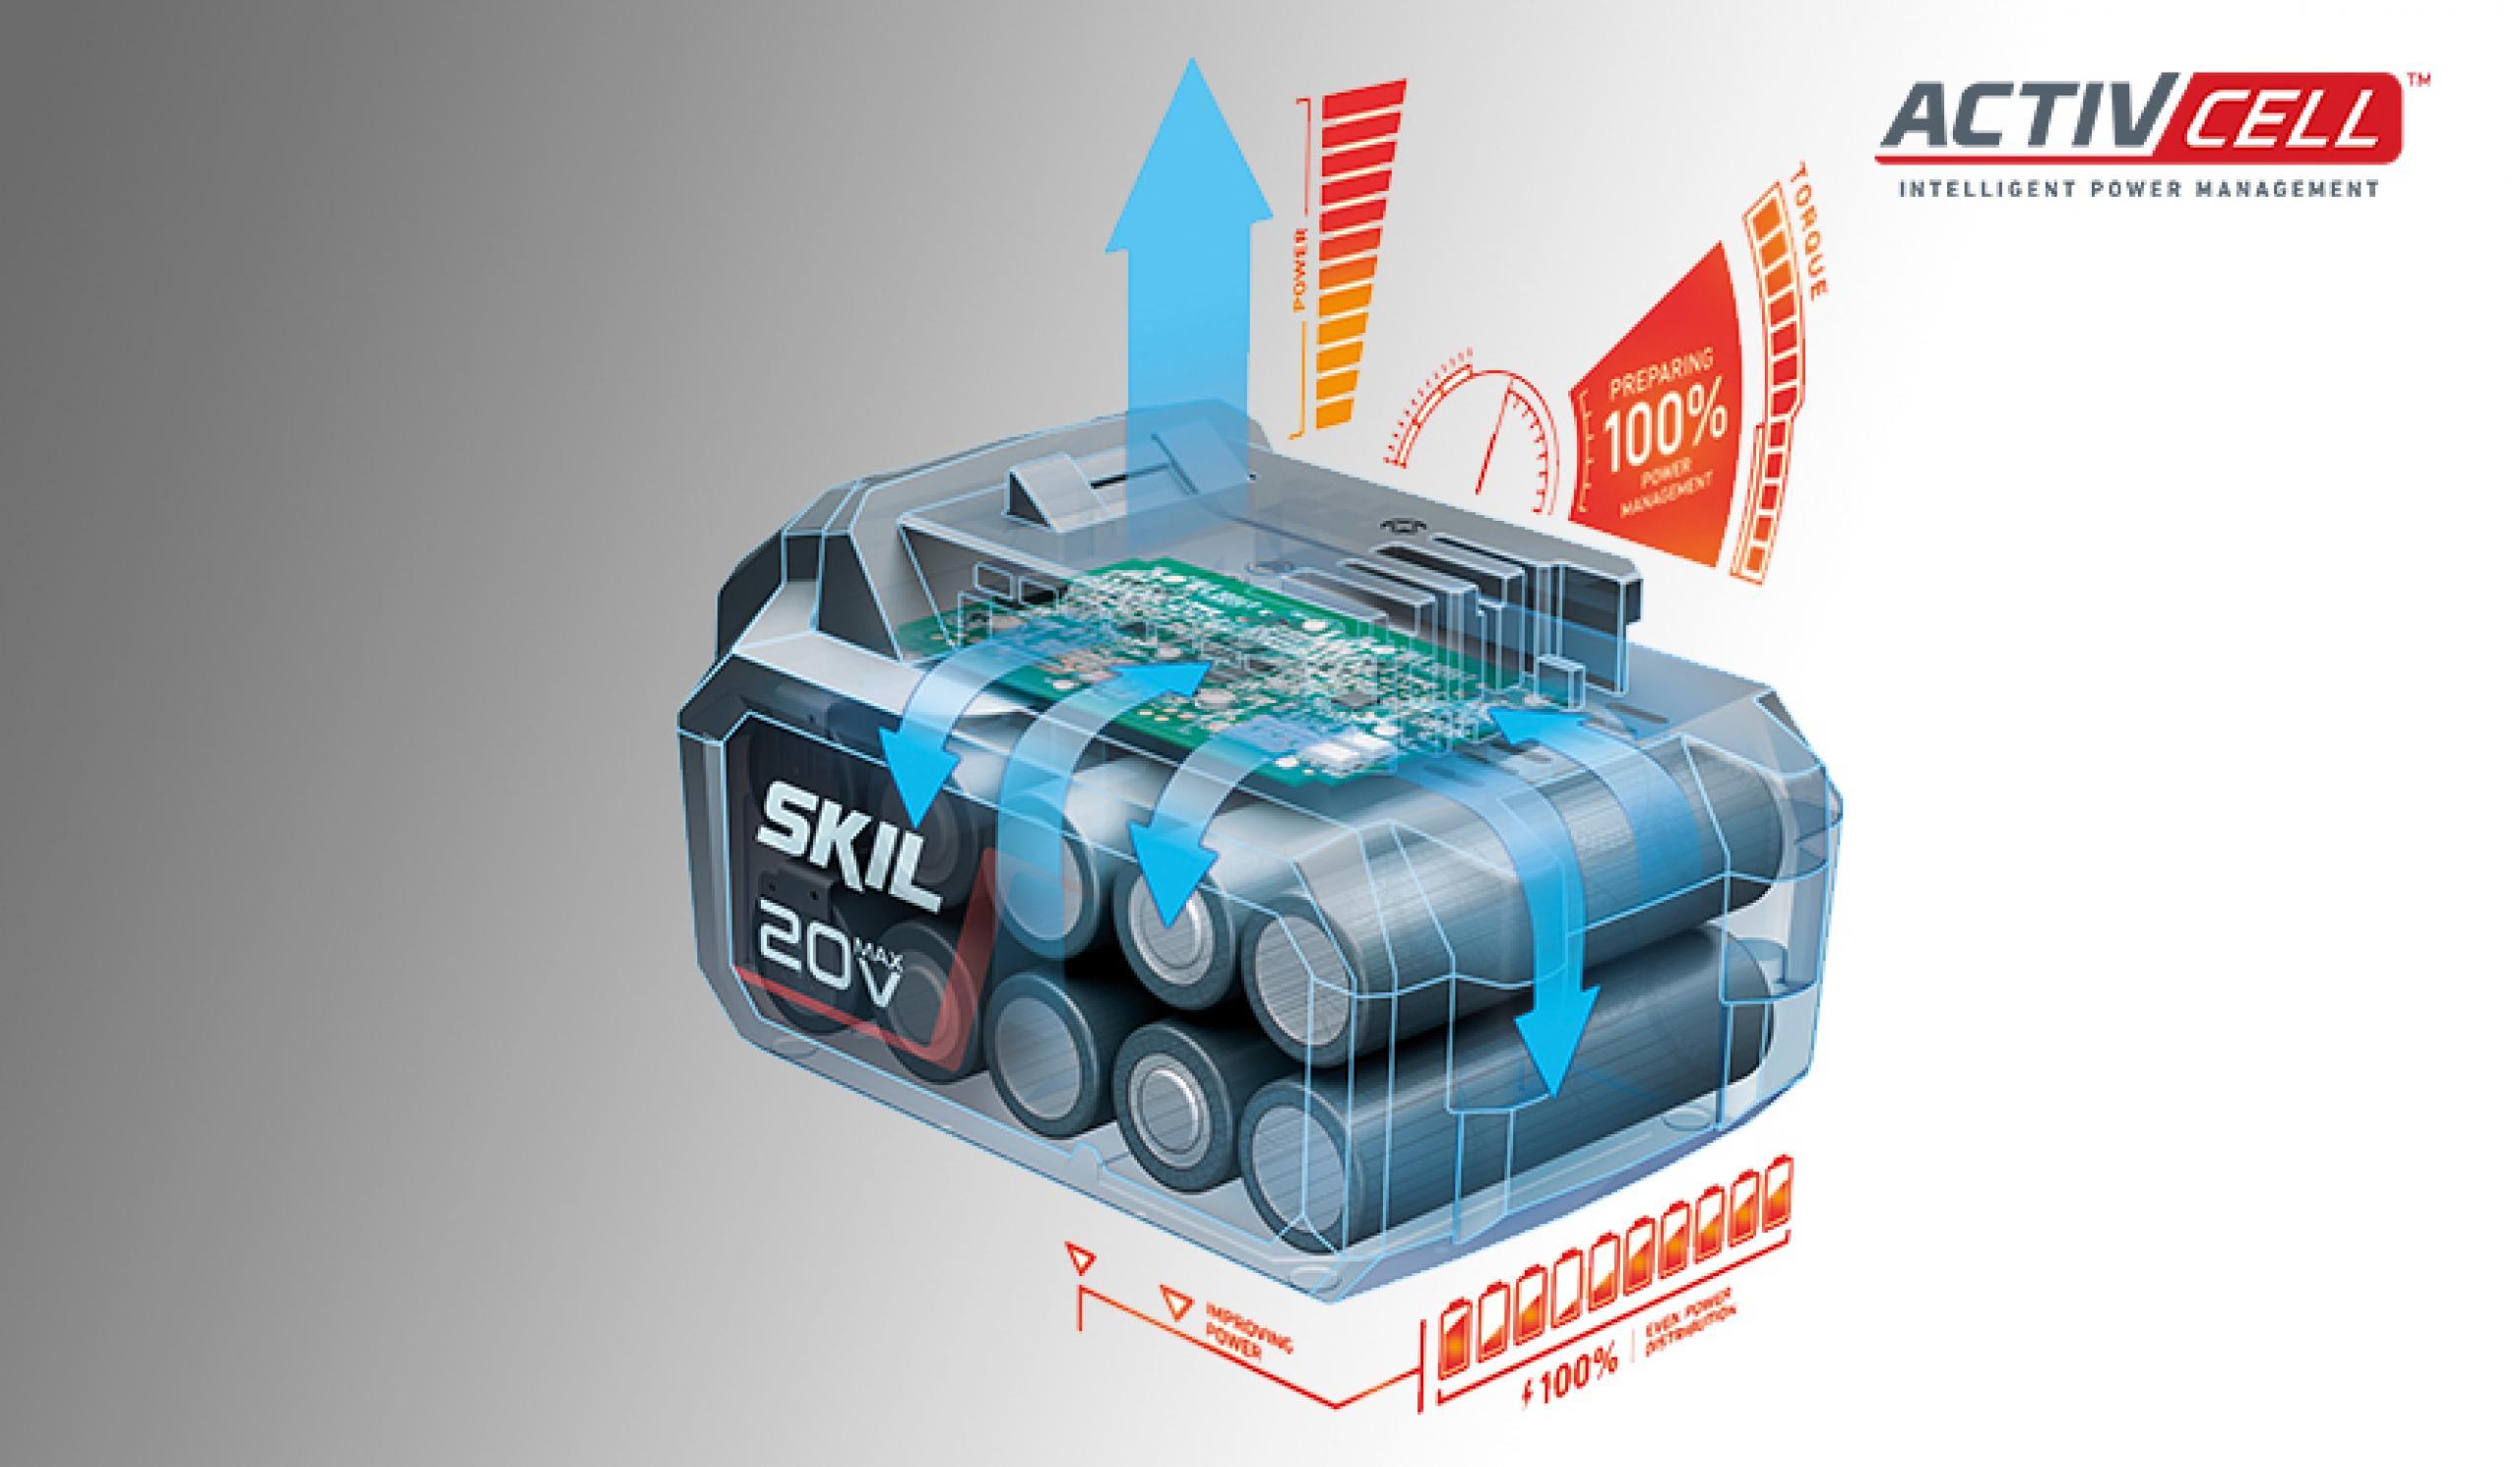 ActivCell™: Inteligentní řízení spotřeby